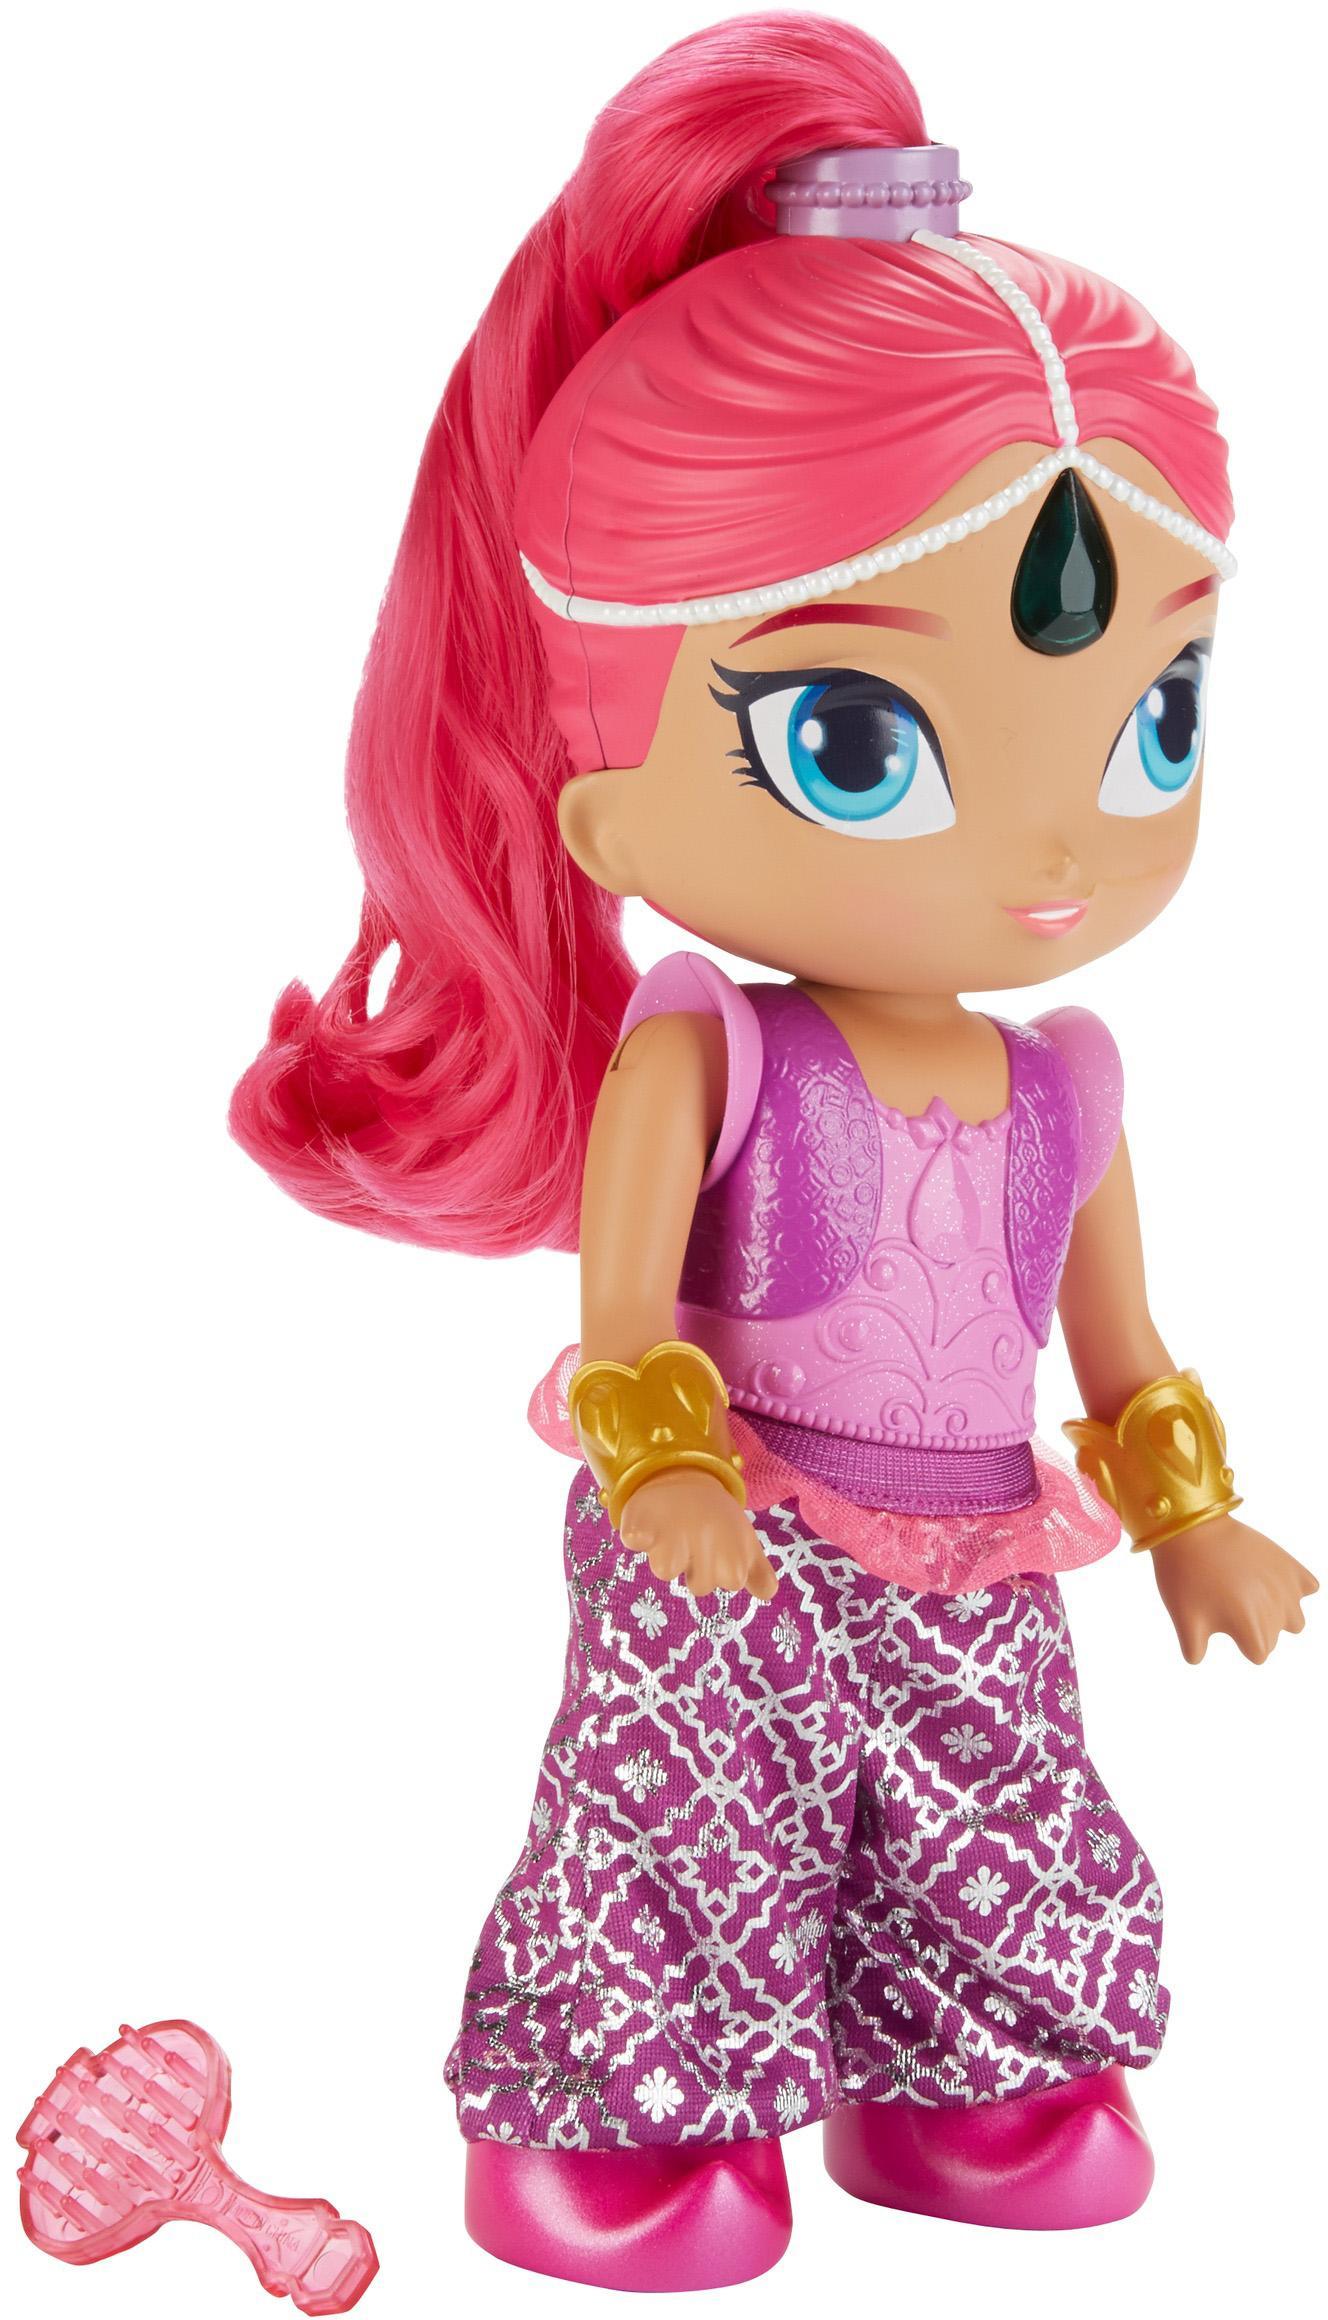 Amazon.com: Fisher-Price Nickelodeon Shimmer & Shine ...